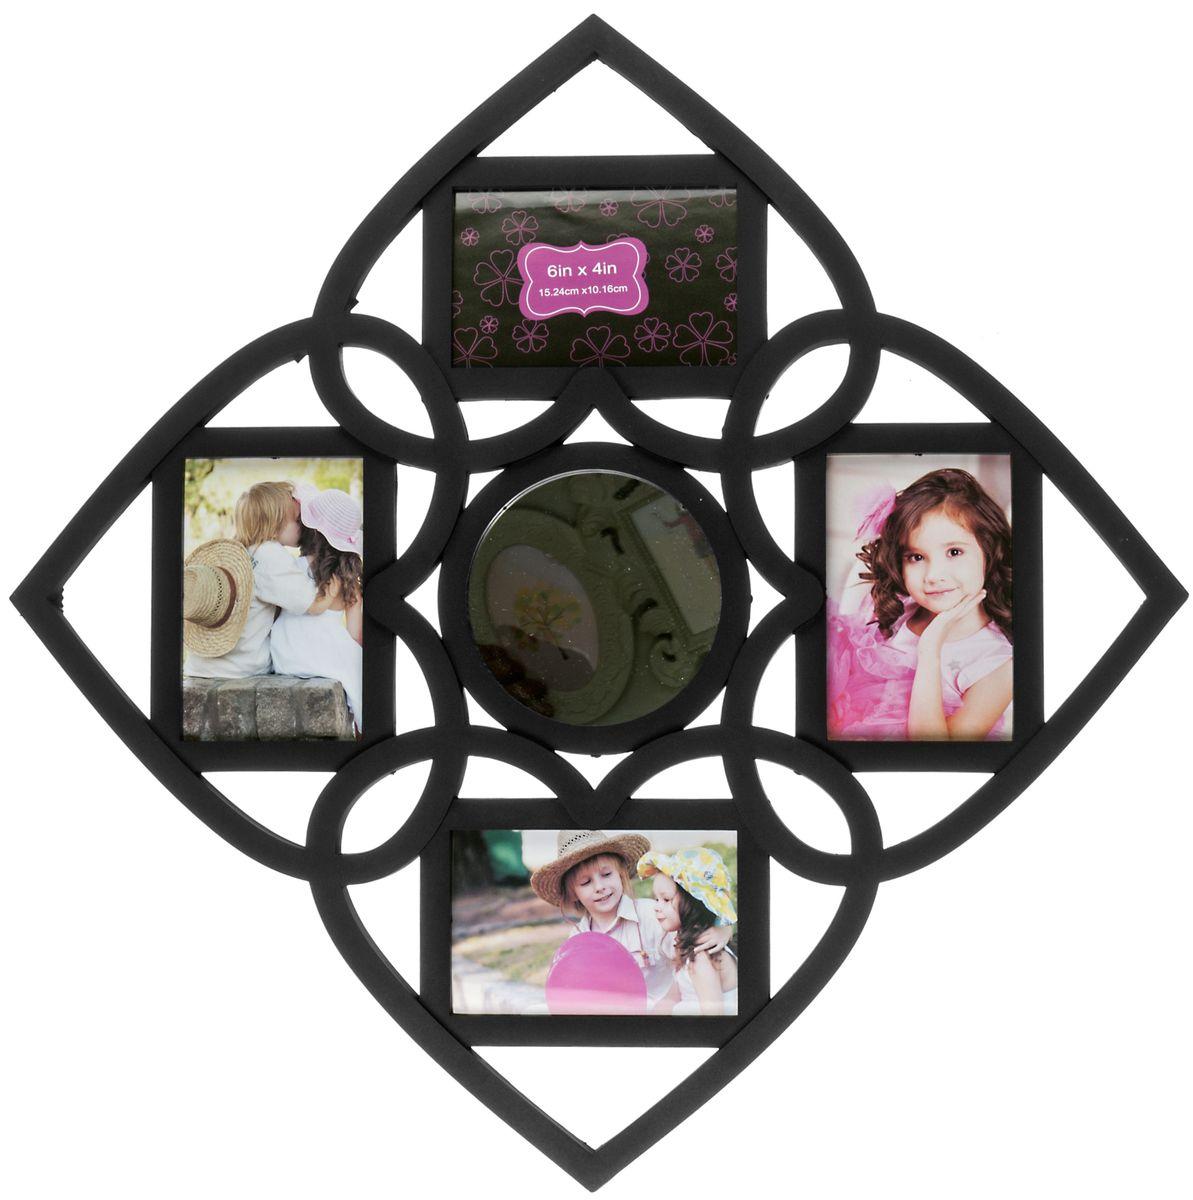 Фоторамка Platinum, с круглым зеркалом, цвет: черный, на 4 фотоBIN-1122552-Black-ЧёрныйФоторамка Platinum - прекрасный способ красиво оформить ваши фотографии. Фоторамка выполнена из пластика и защищена стеклом. Фоторамка-коллаж представляет собой четыре фоторамки для фото одного размера оригинально соединенных между собой. В центре фоторамки имеется круглое зеркало. Такая фоторамка поможет сохранить в памяти самые яркие моменты вашей жизни, а стильный дизайн сделает ее прекрасным дополнением интерьера комнаты. Фоторамка подходит для фотографий 10 х 15 см.Общий размер фоторамки: 59 х 59 см.